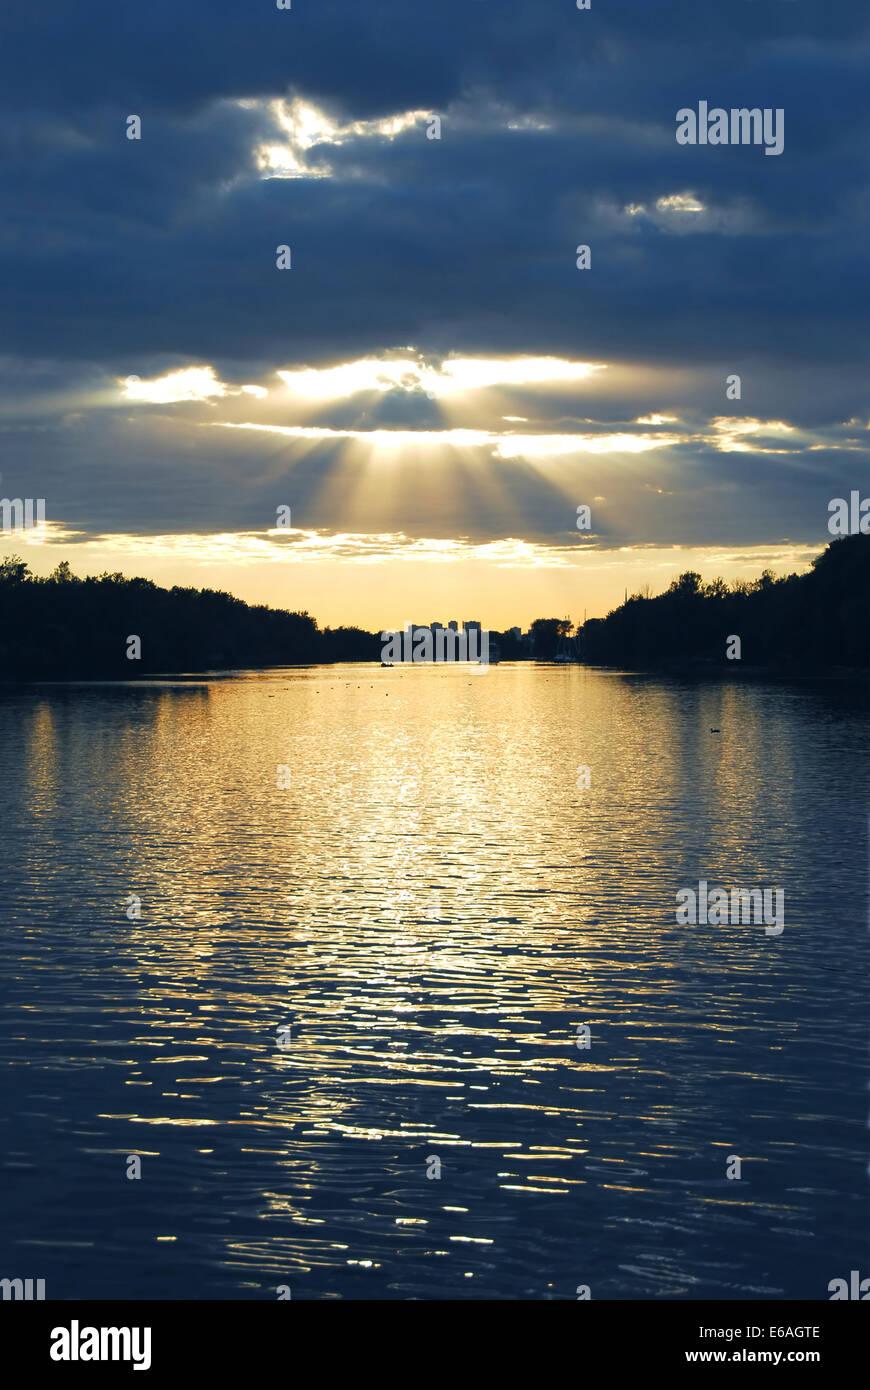 landscape,sunlight,sunbeams, sun beams - Stock Image